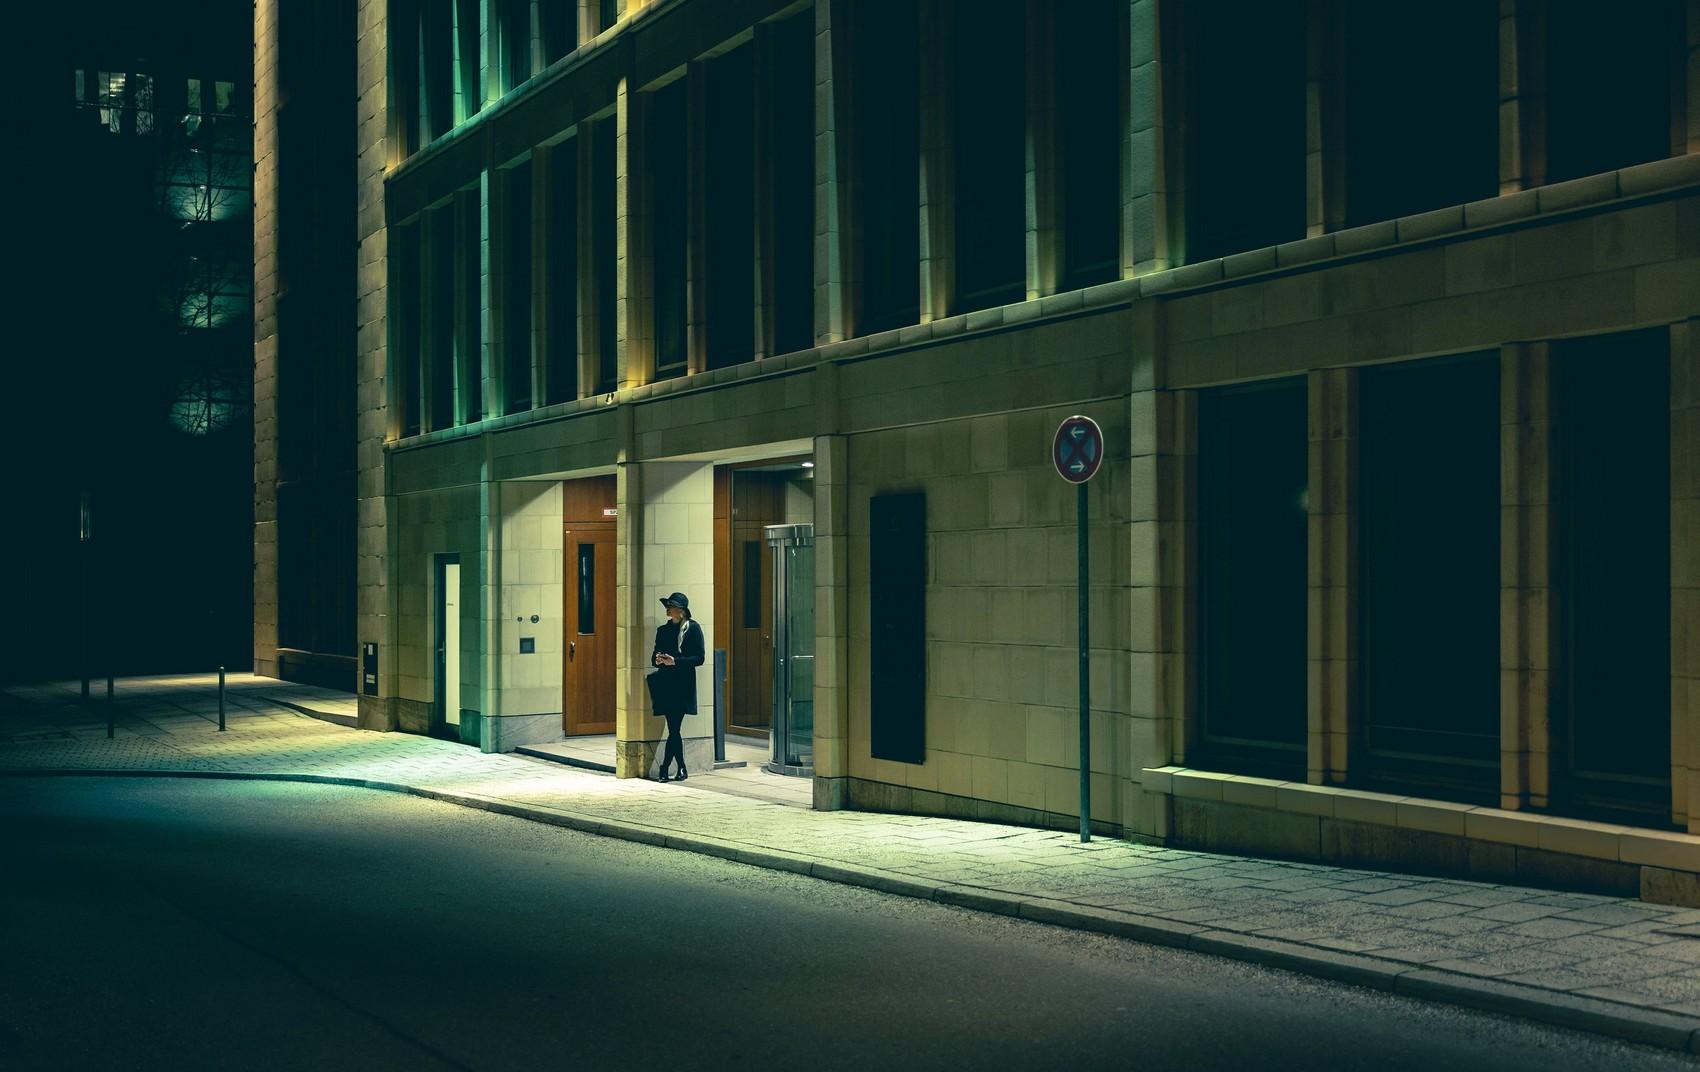 """Das Thema der ersten Runde des Canon Redline Challenge lautet """"Light in the Dark"""". Hier ein Beispielbild von Canon Ambassador Lorenz Holder, der den Wettbewerb als Mentor für diese Runde begleitet. (c) Lorenz Holder / Canon"""